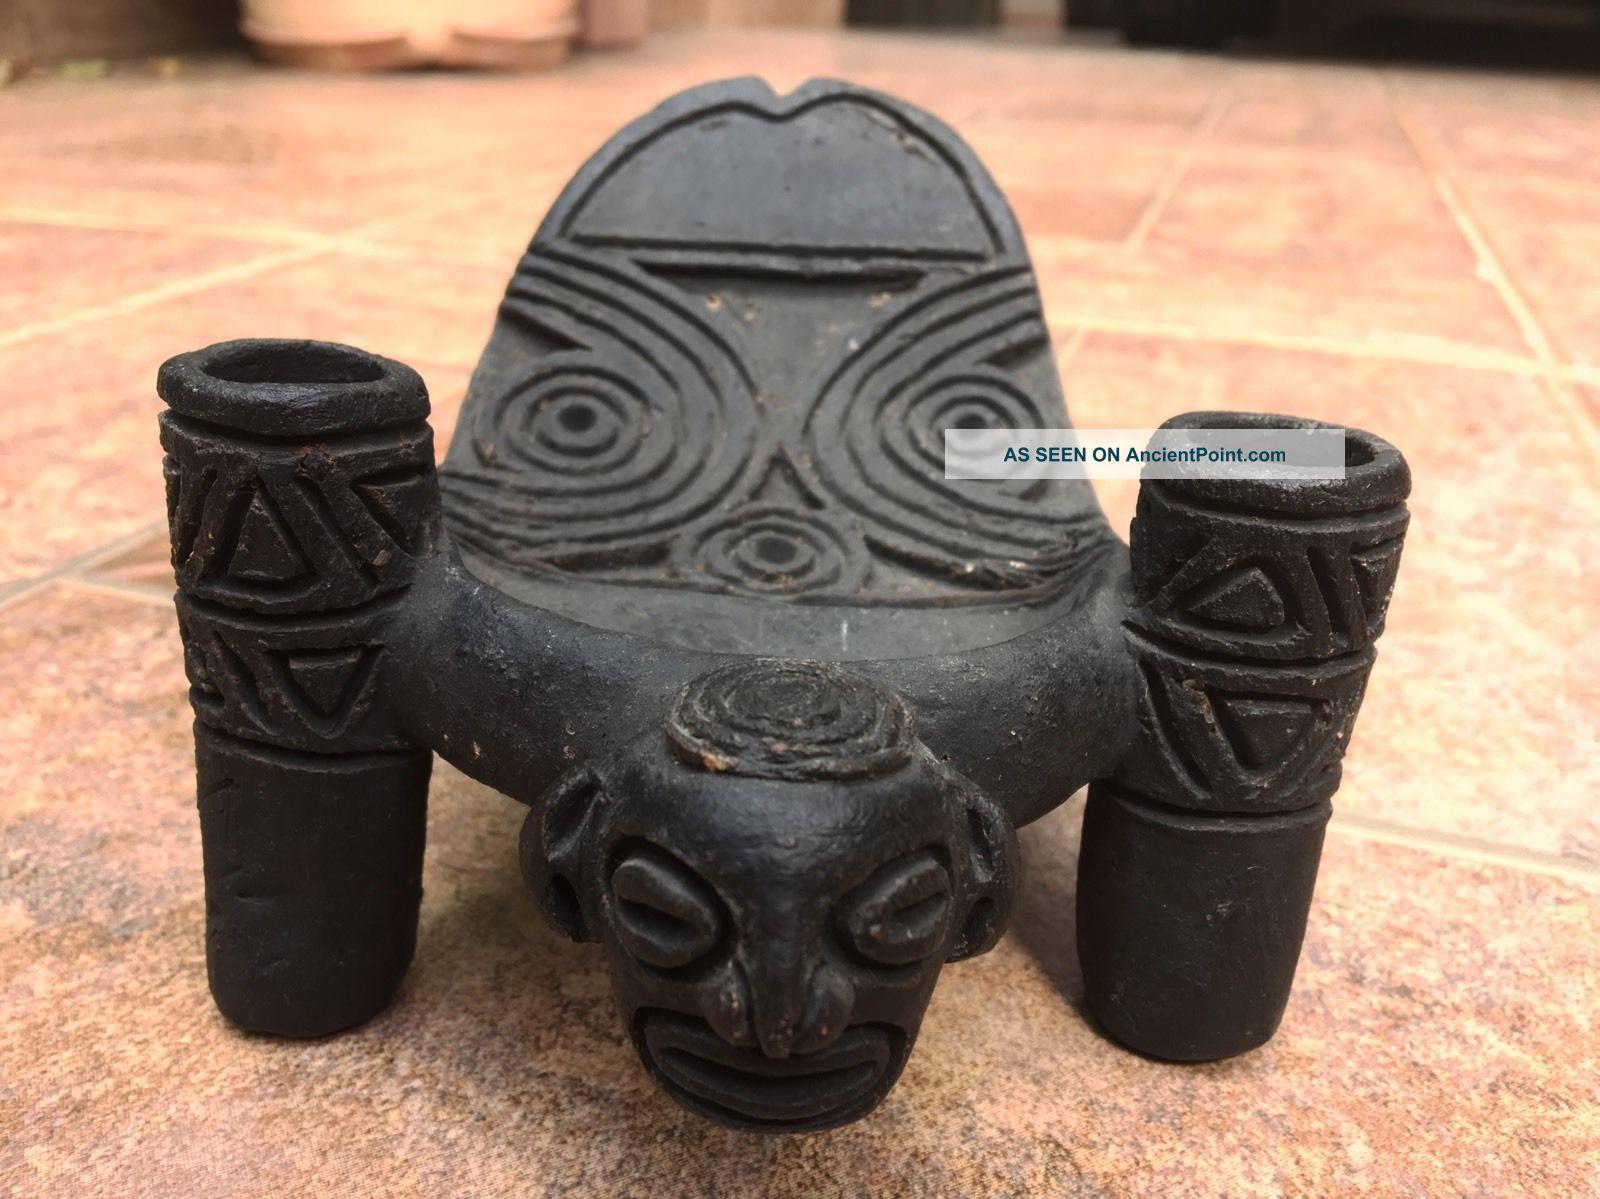 Taino Cemi Pre Columbian Cacique Seat Art The Americas photo